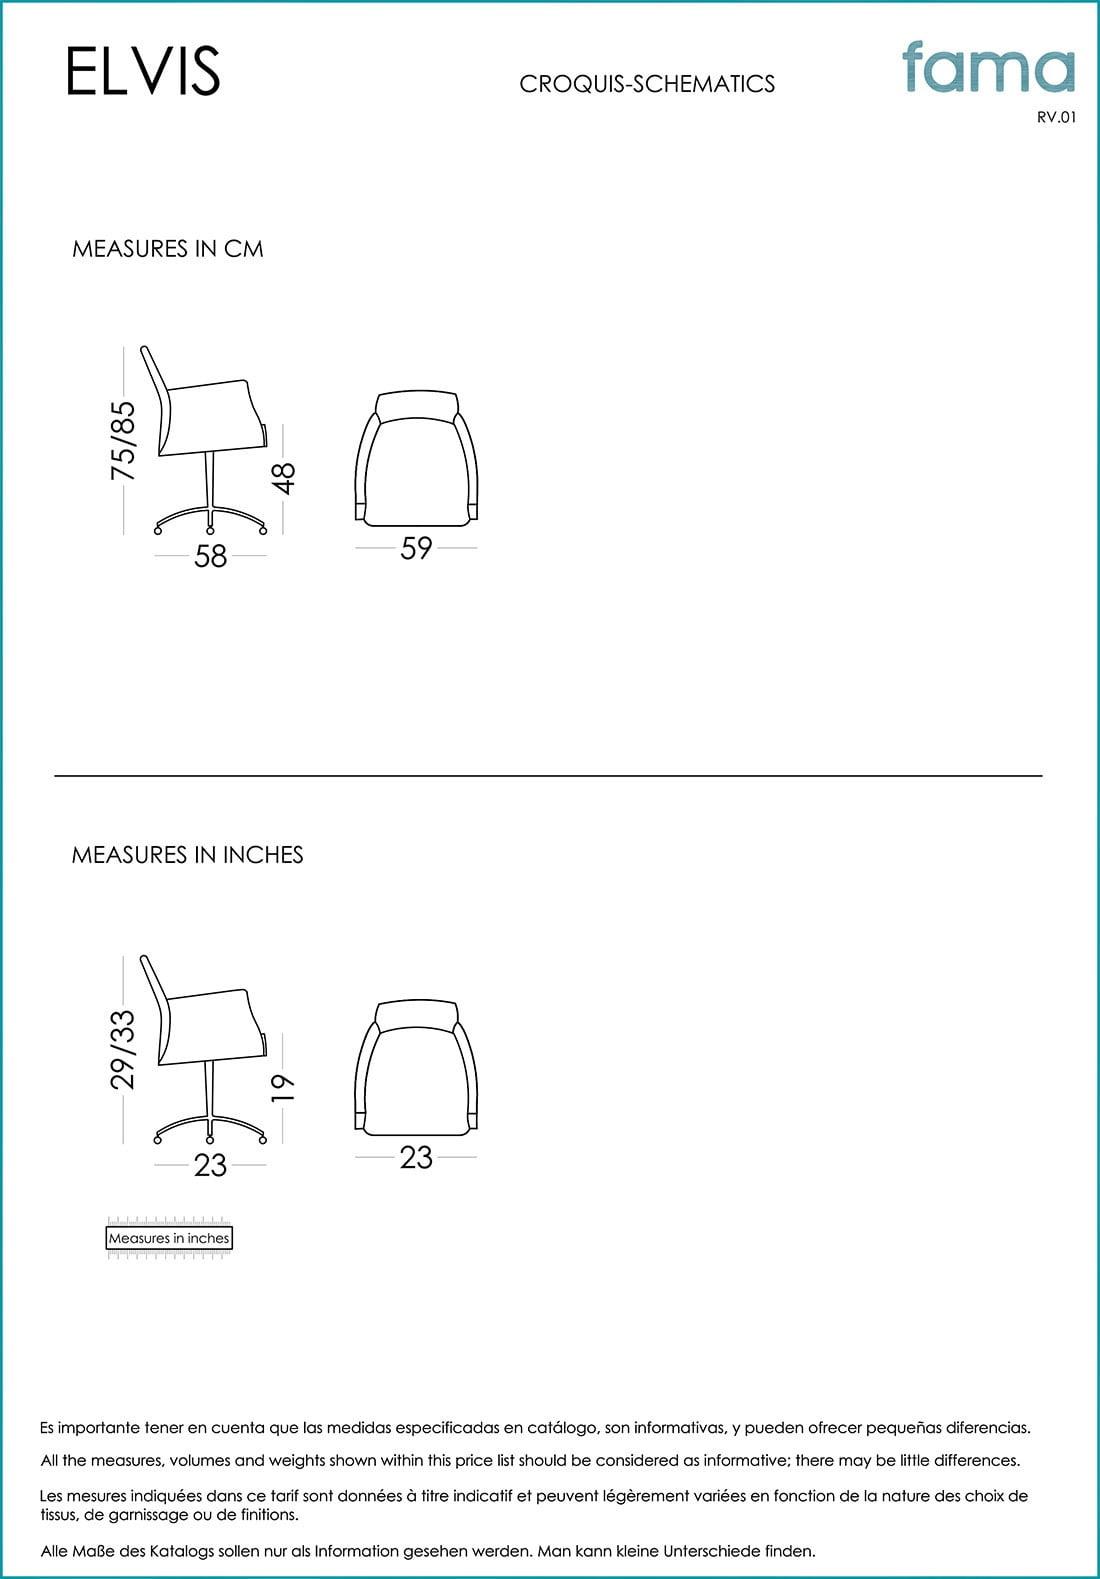 chaise_de-bureau_-moderne_famaliving_montreal_elvis_fiche_technique